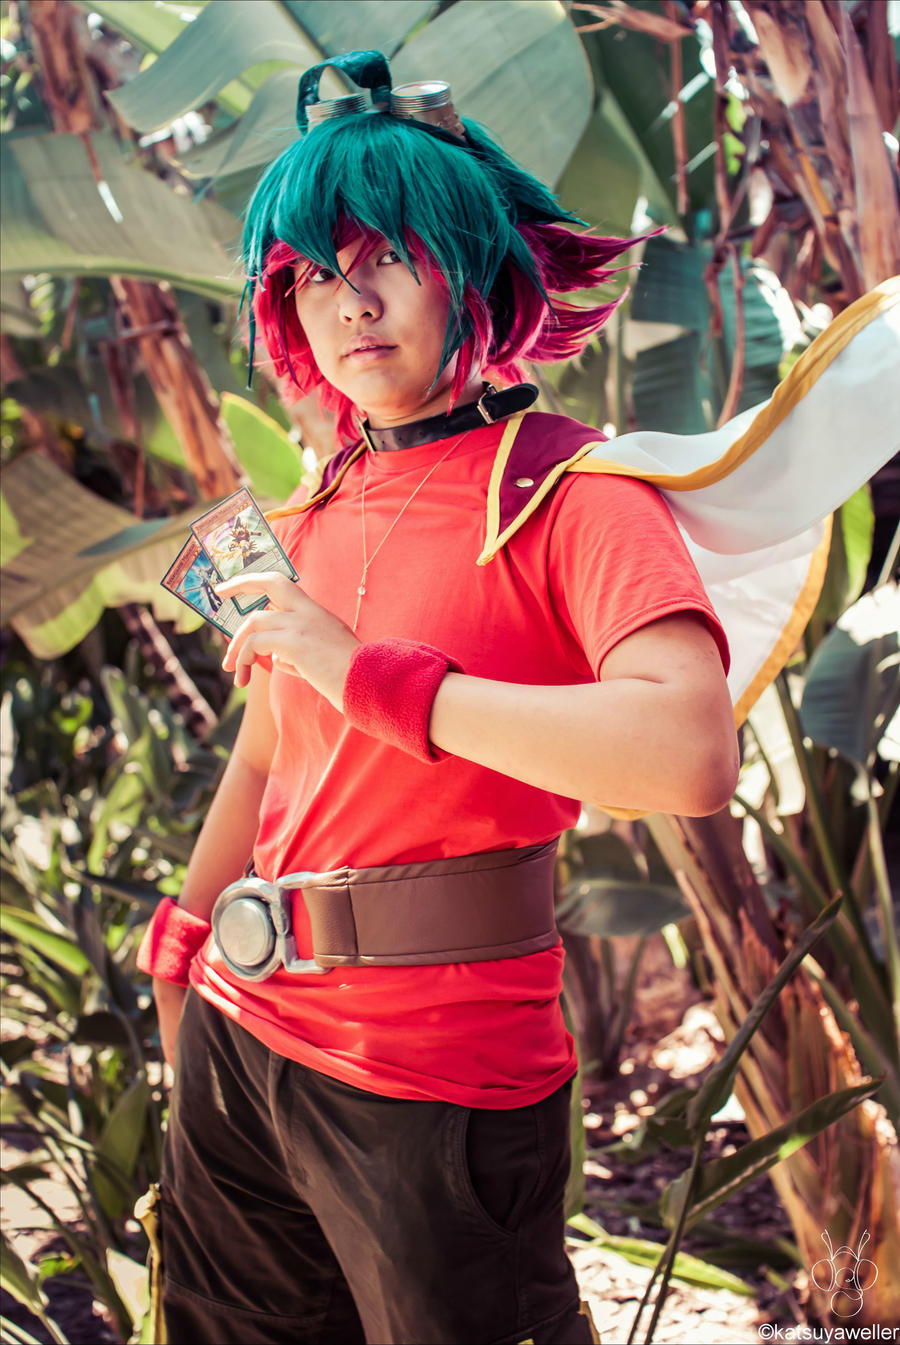 Yugi from Yu-Gi-oh! cosplay by instagram.com.yaboymegan. #